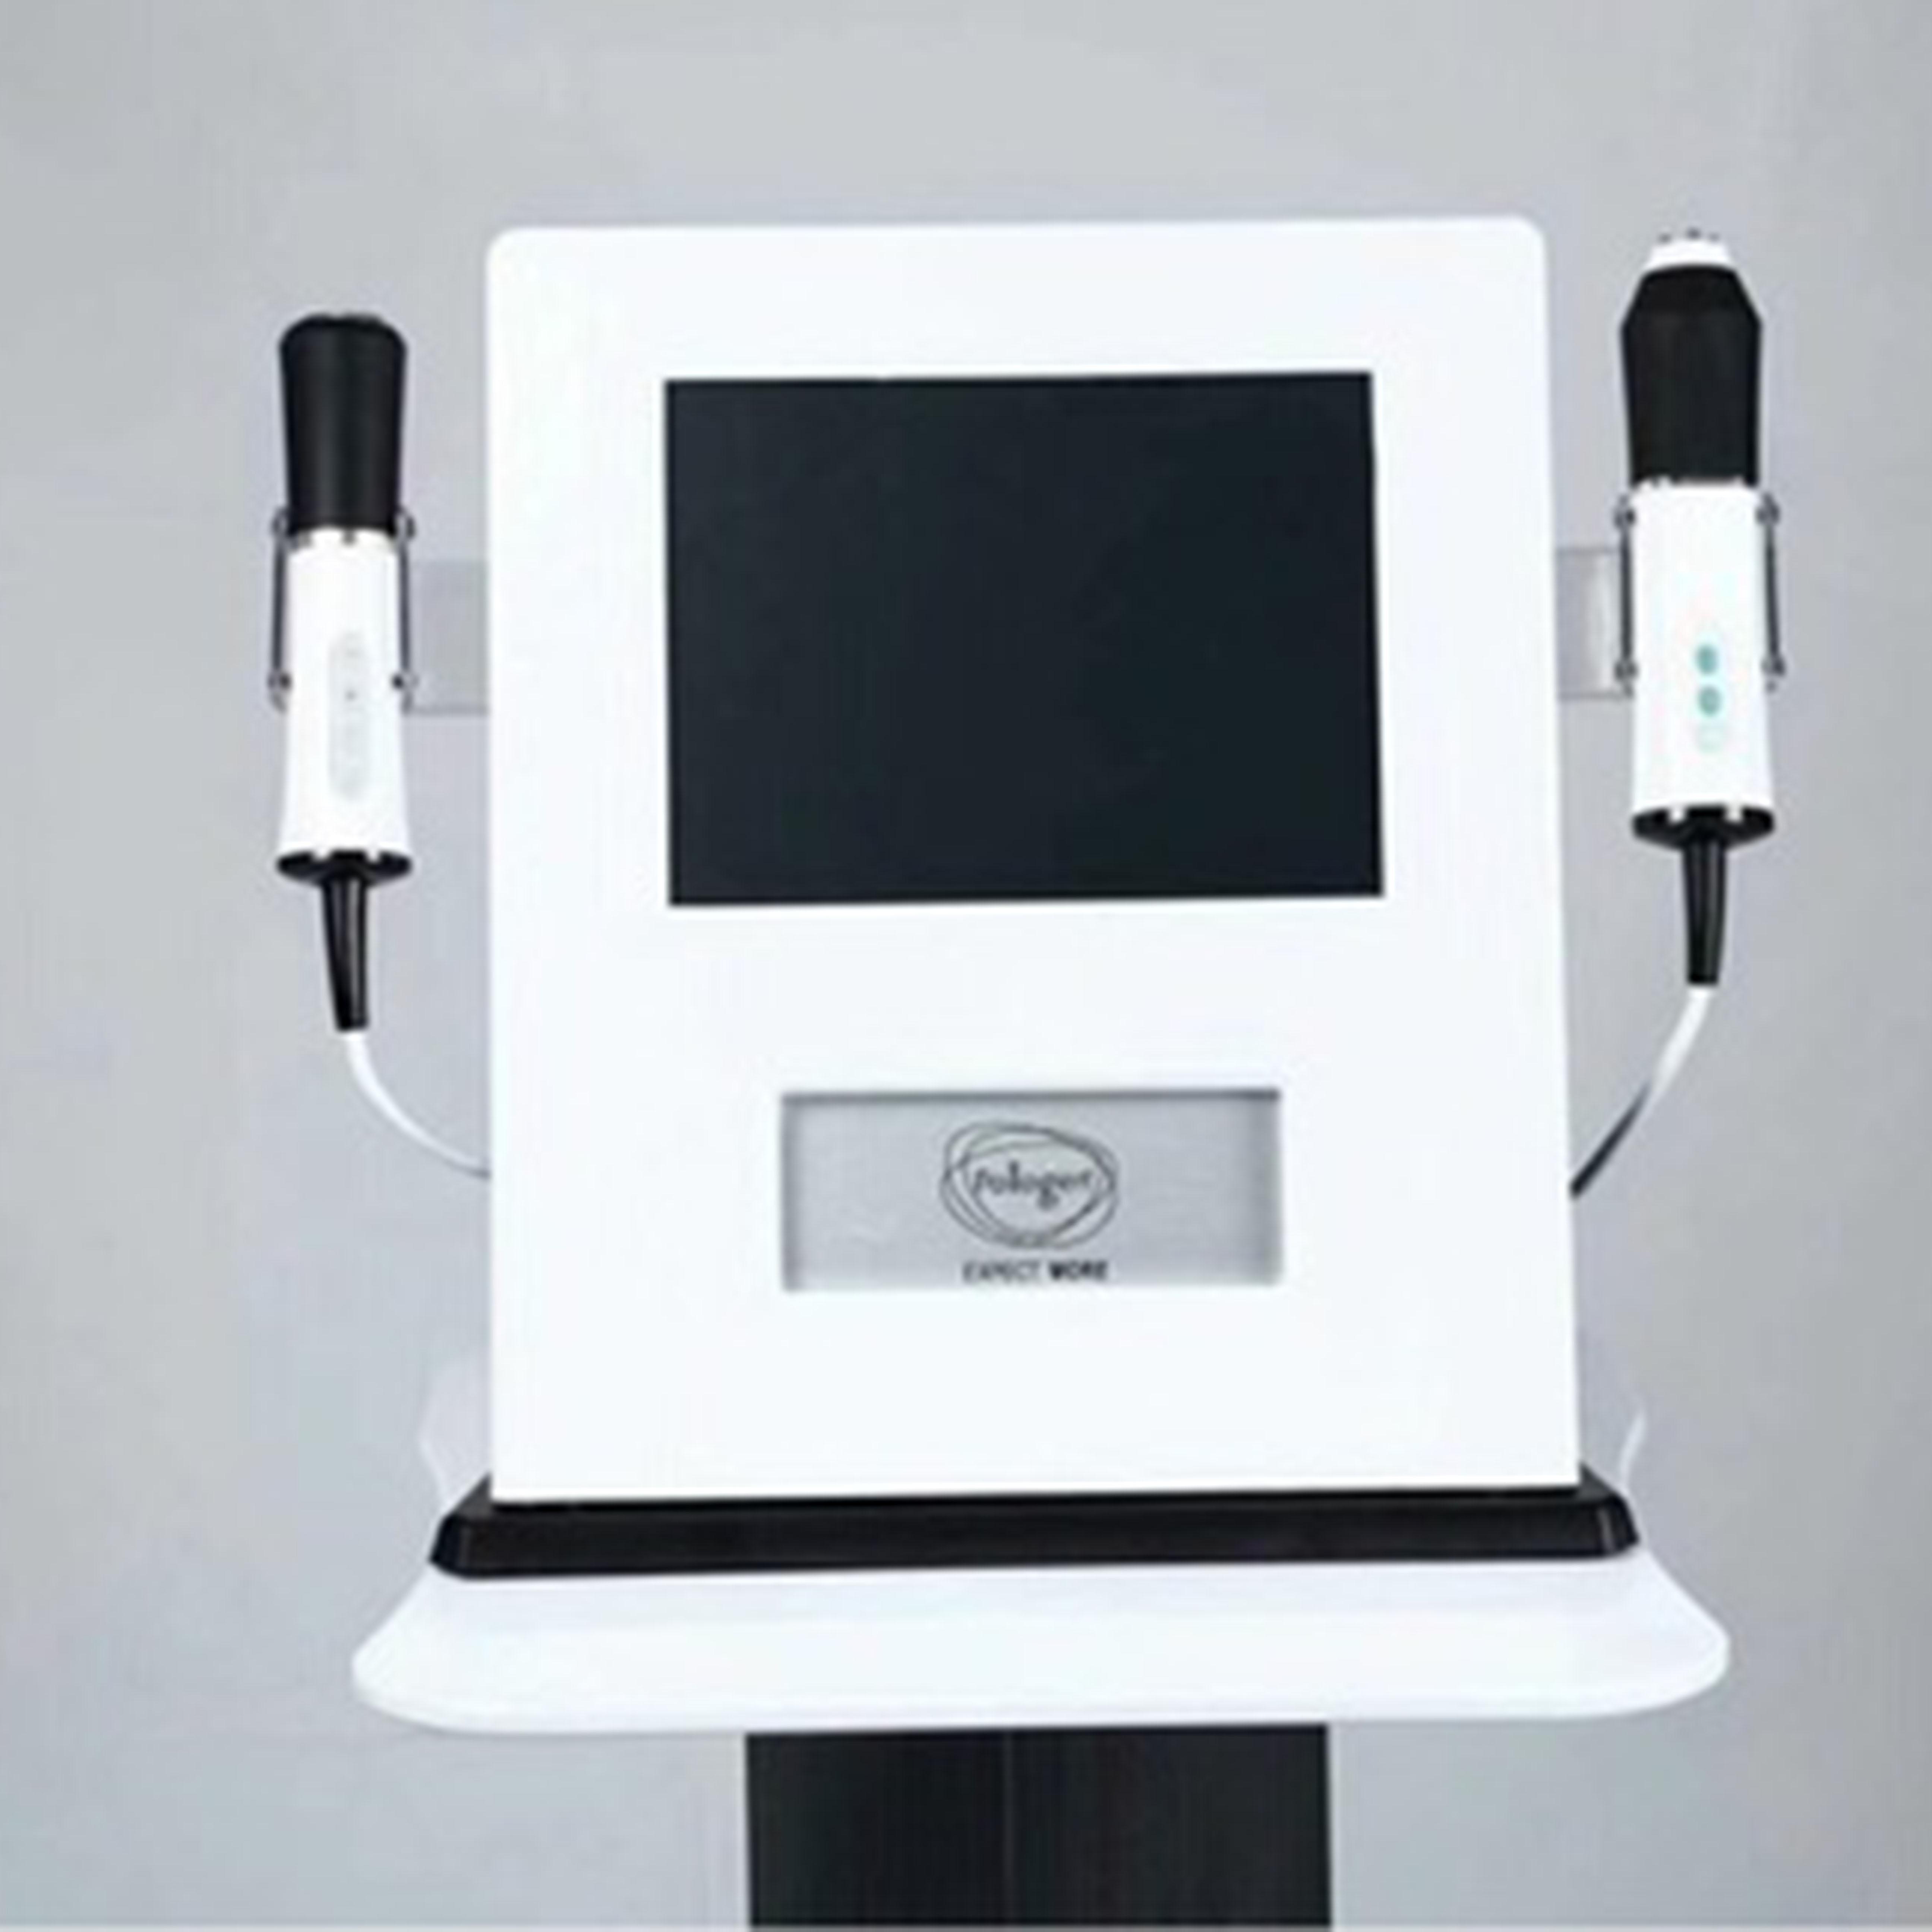 newest glow skin oxygen jet equipment for skin whiten oxygen non-invasive atomix lasers summer trend